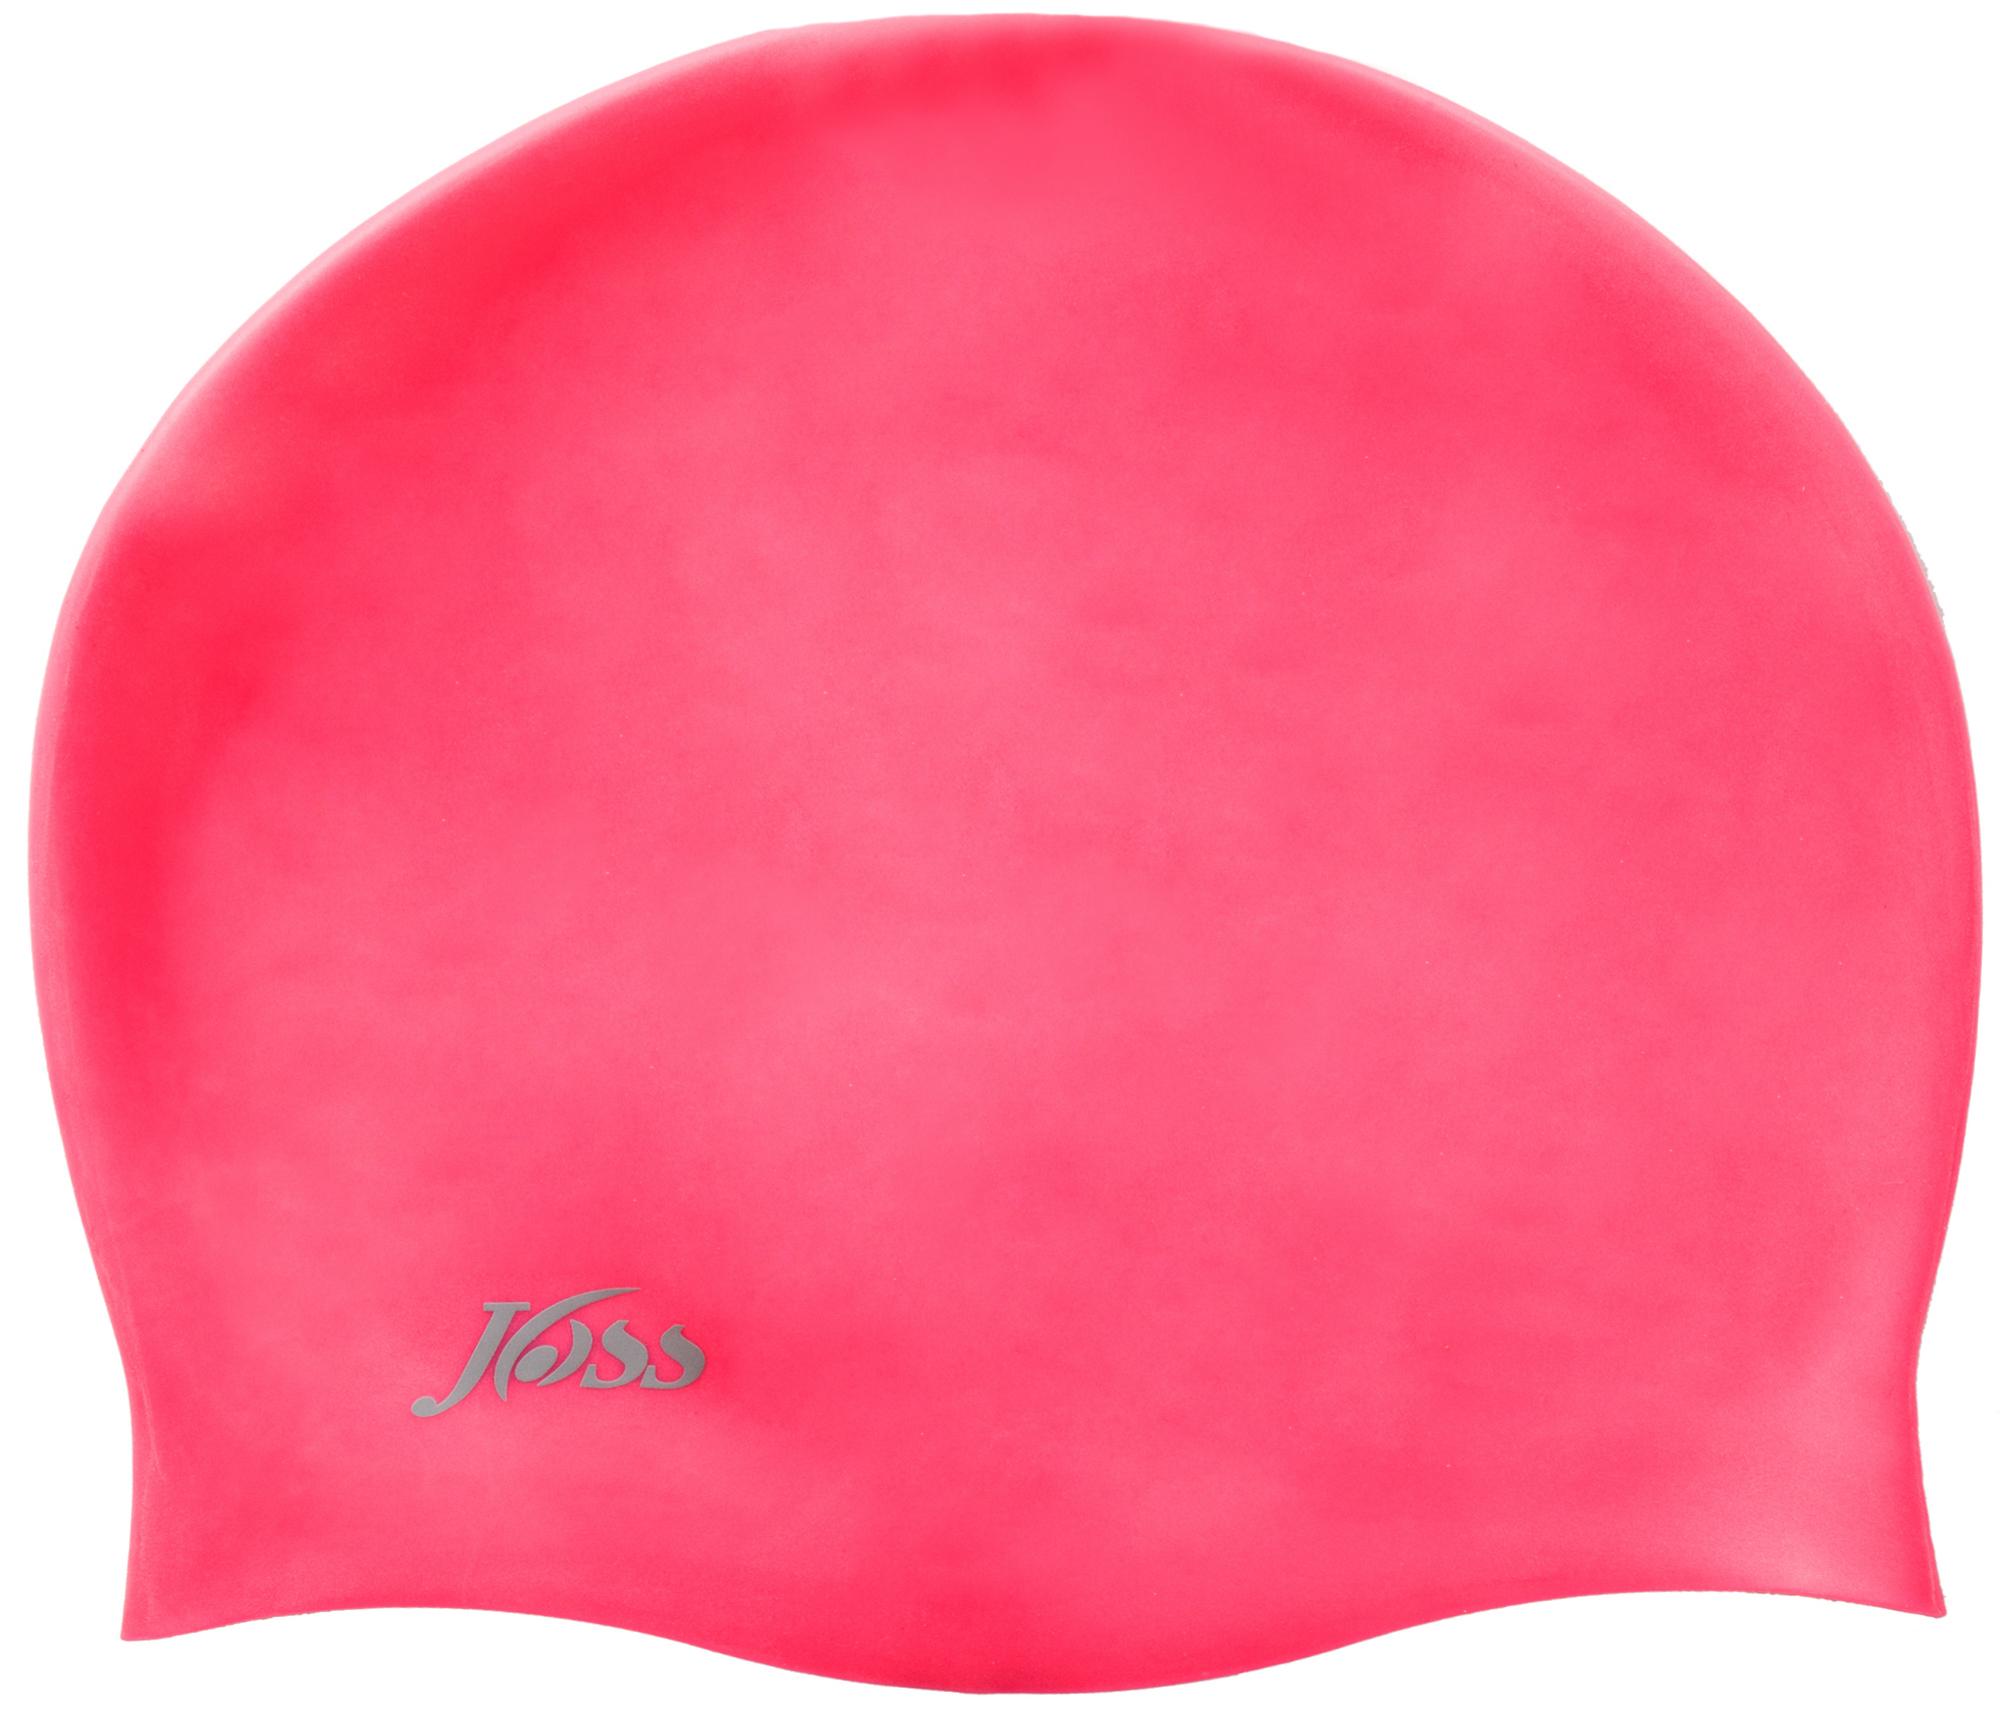 Joss Шапочка для плавания для девочек Joss шапочка спортивная детская